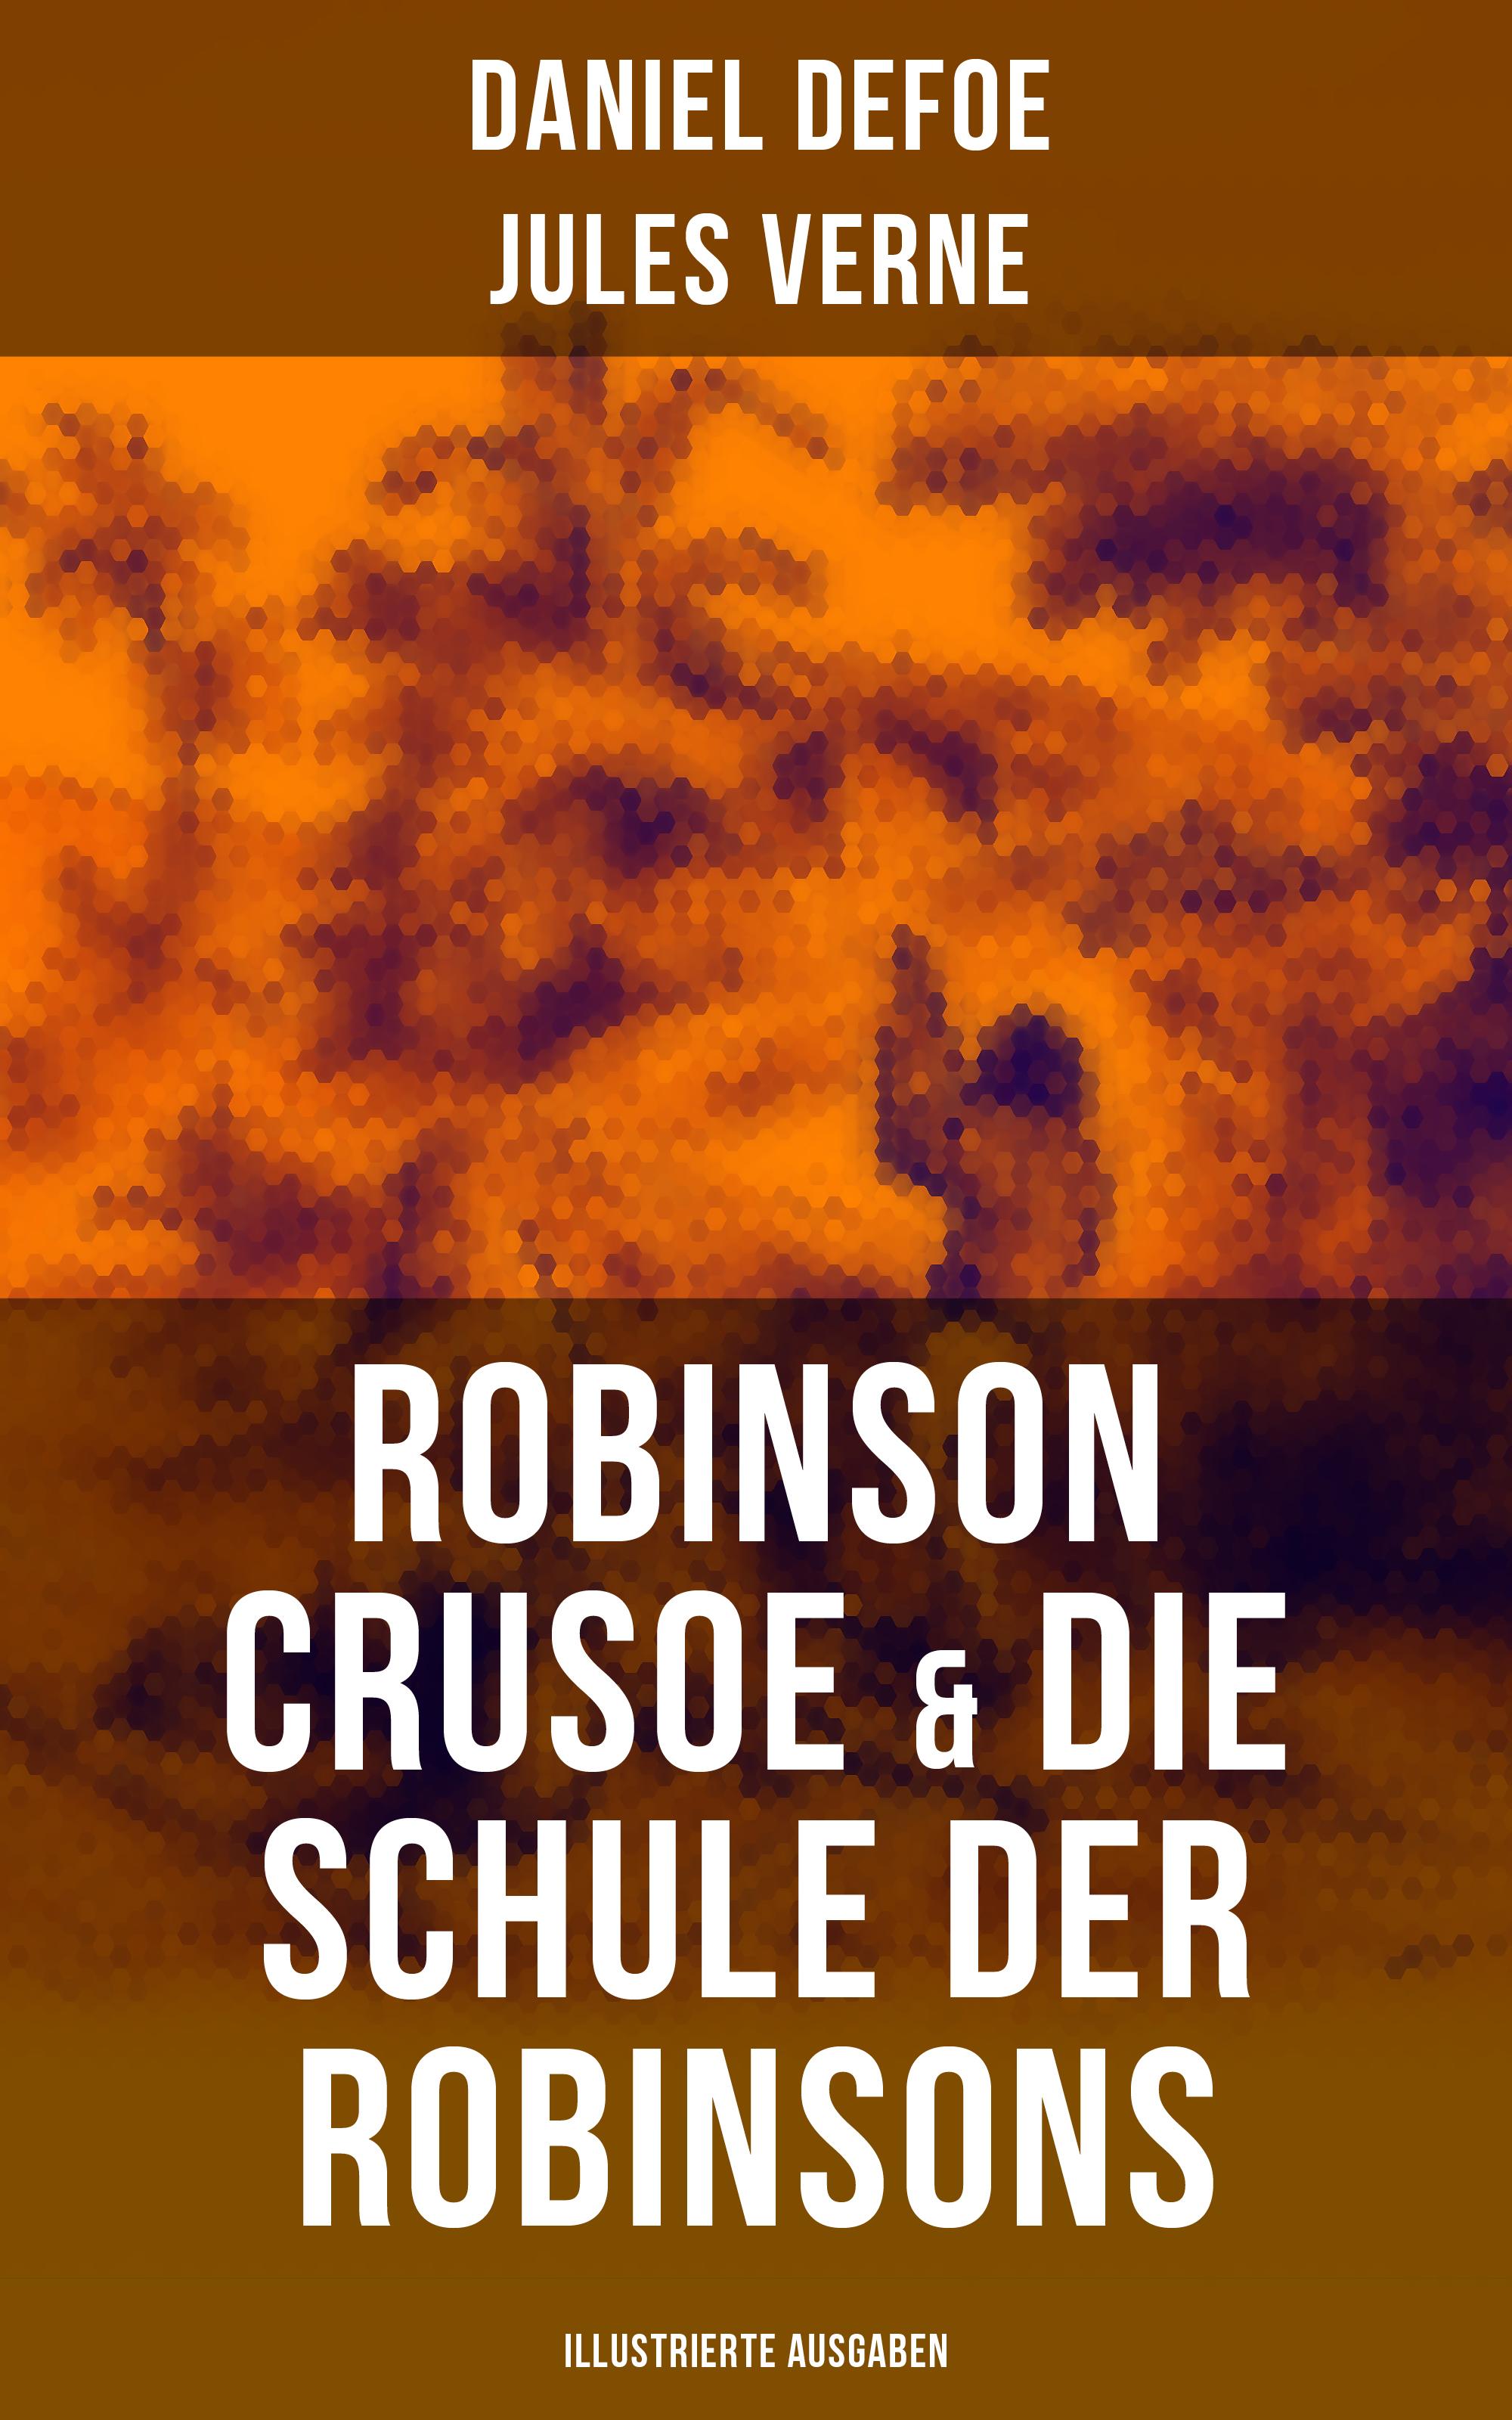 robinson crusoe die schule der robinsons illustrierte ausgaben